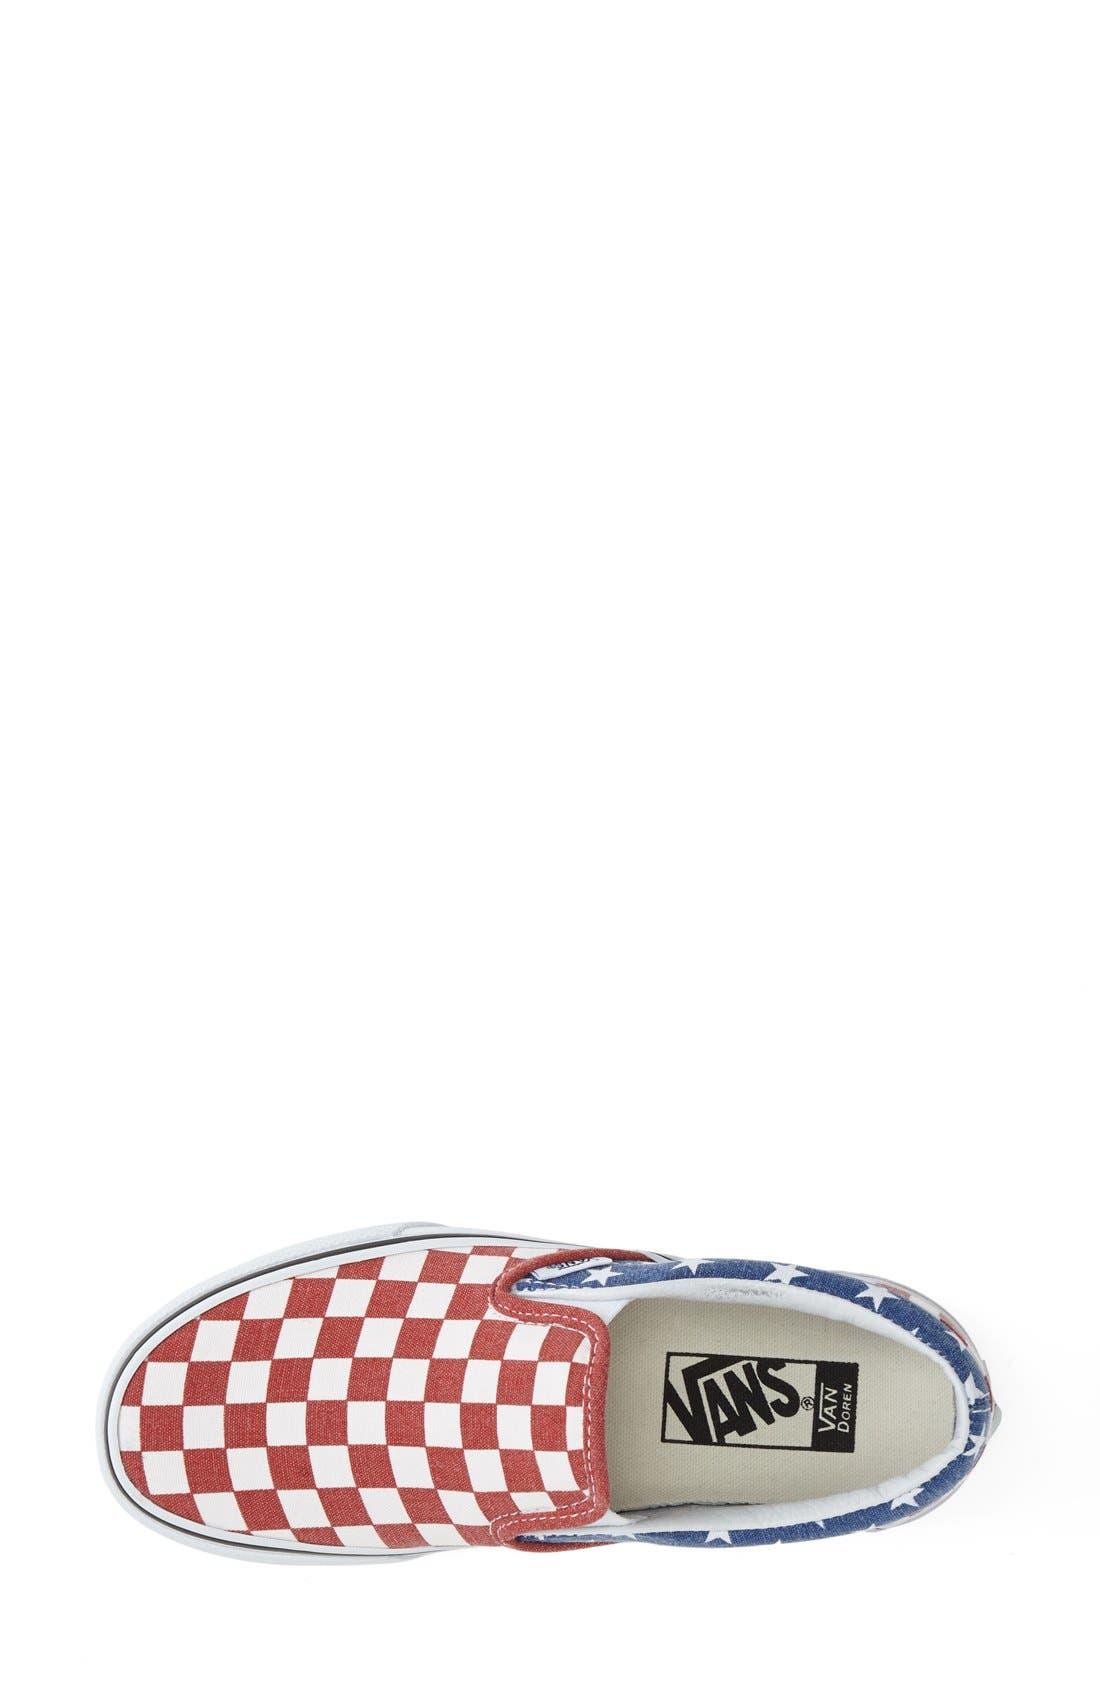 Alternate Image 3  - Vans 'Van Doren' Slip-On Sneaker (Women)